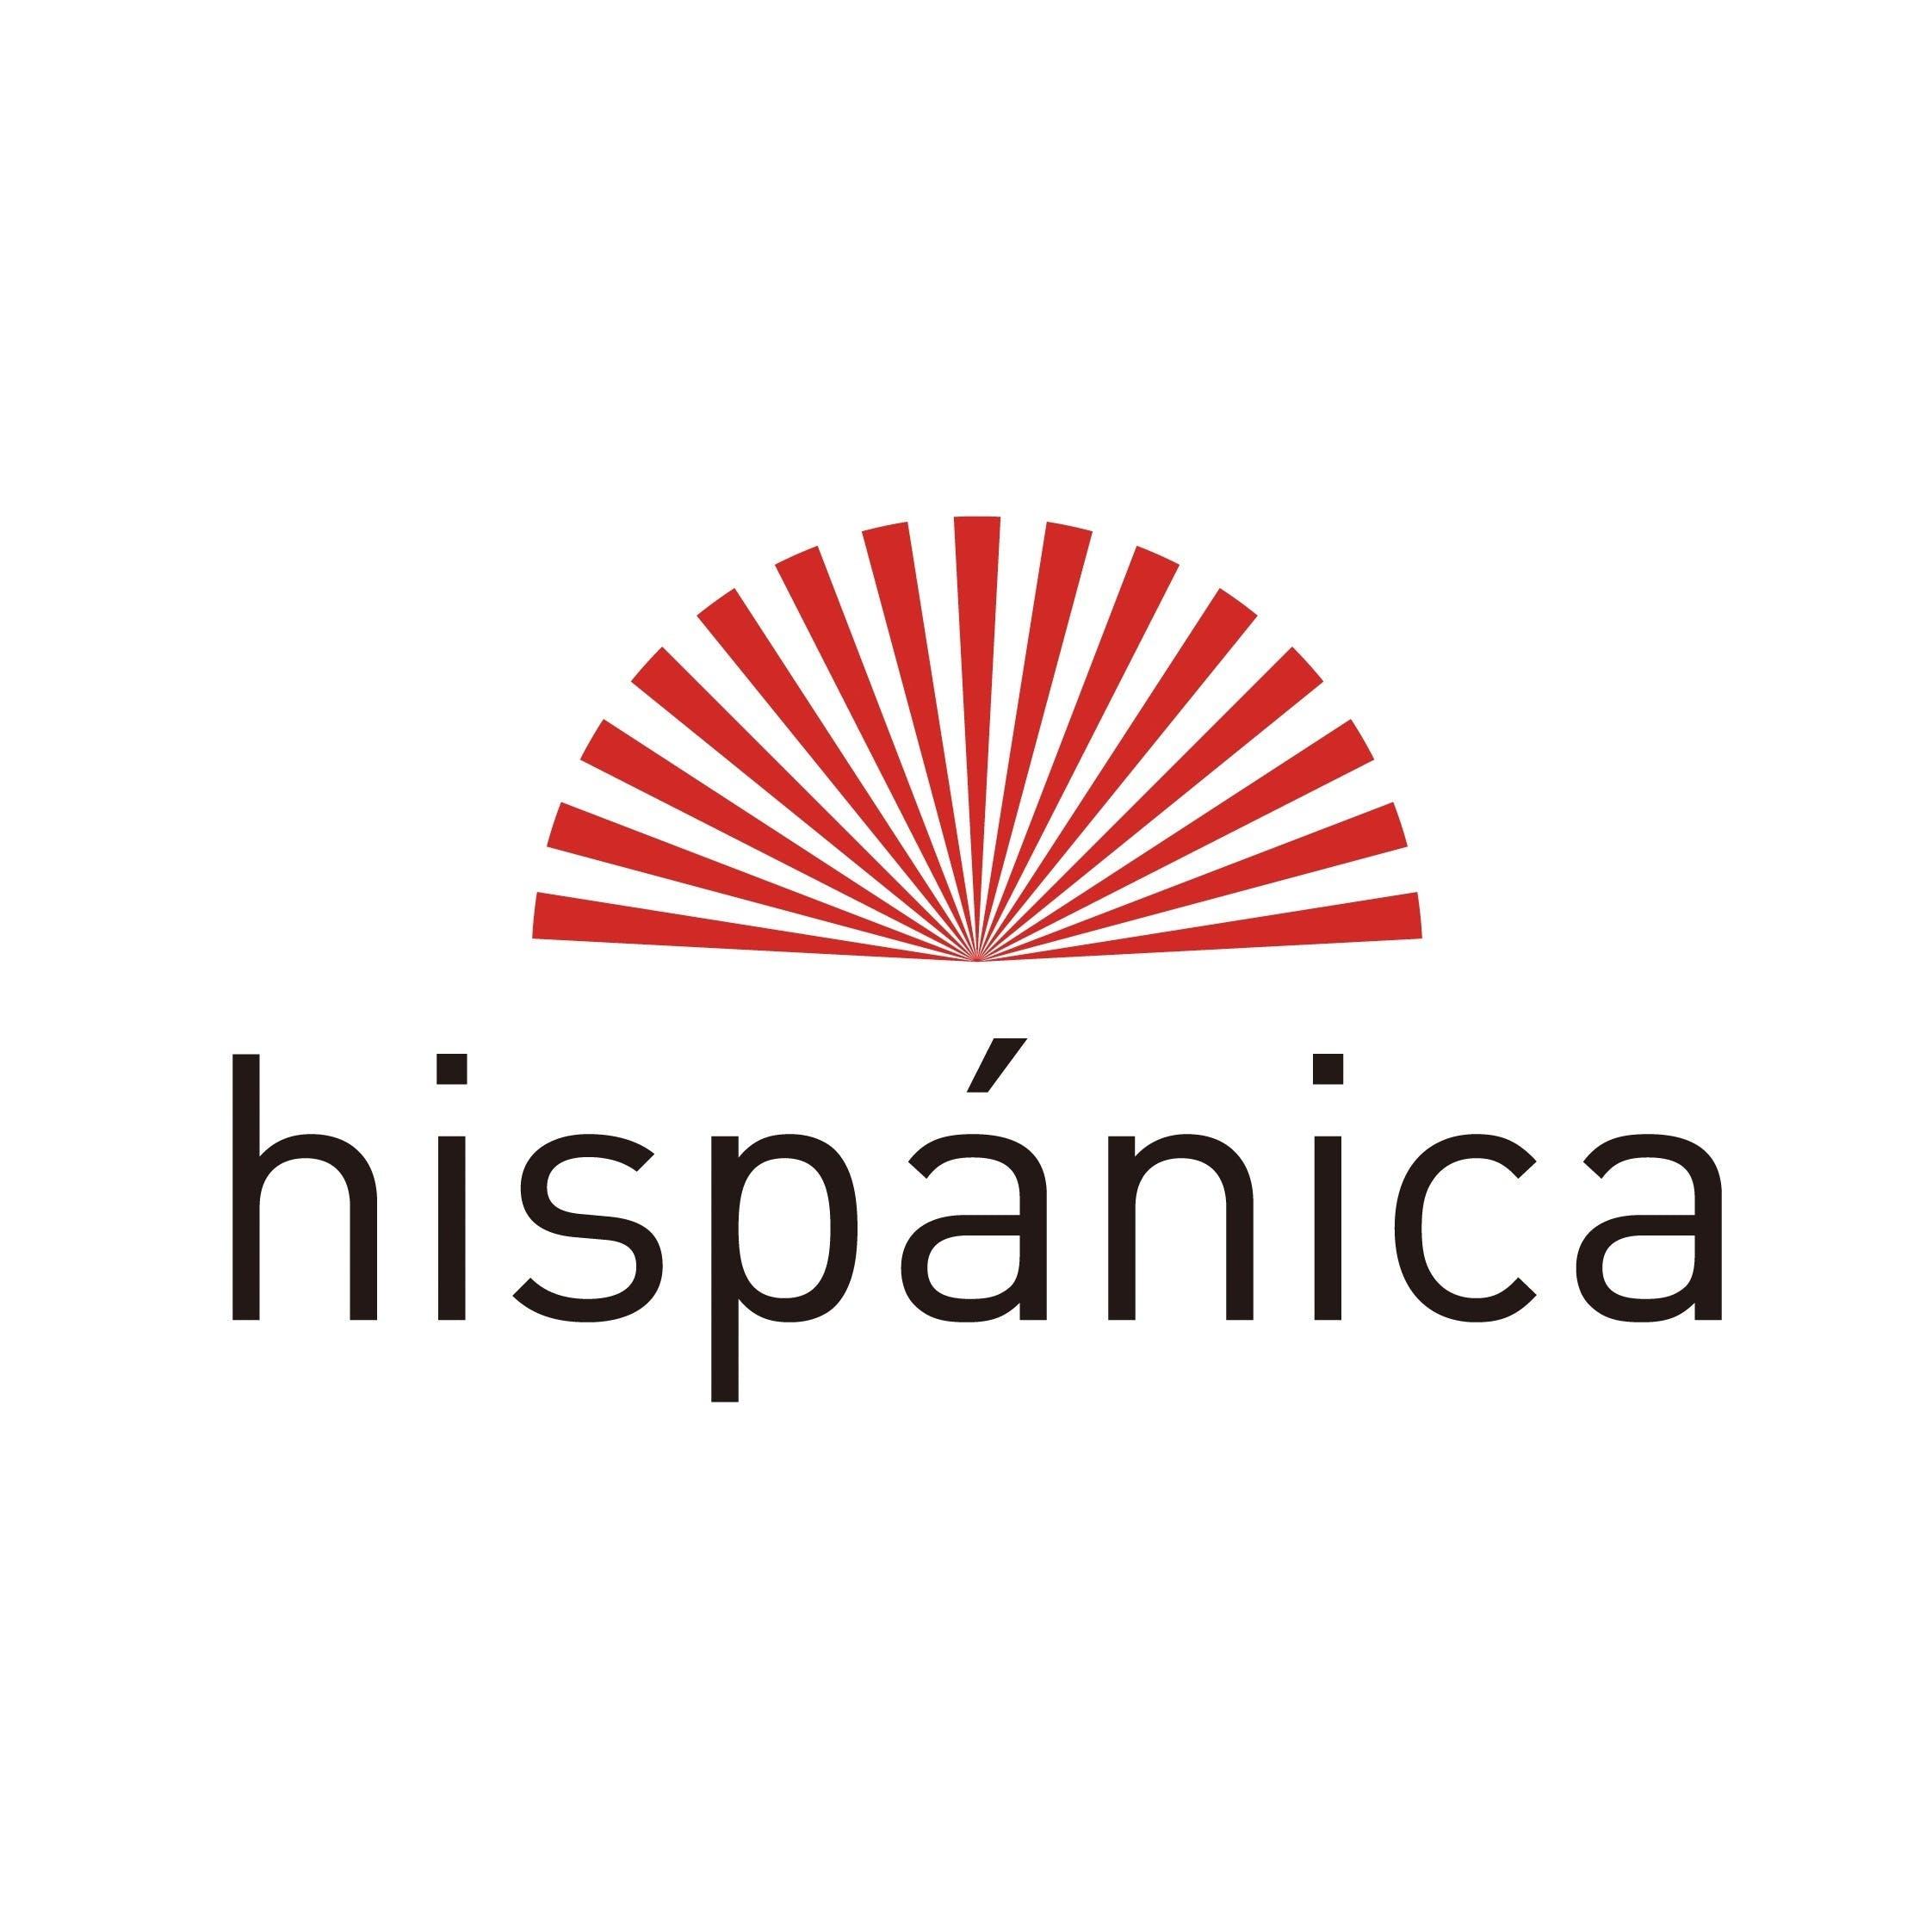 Hispanica logo正方形